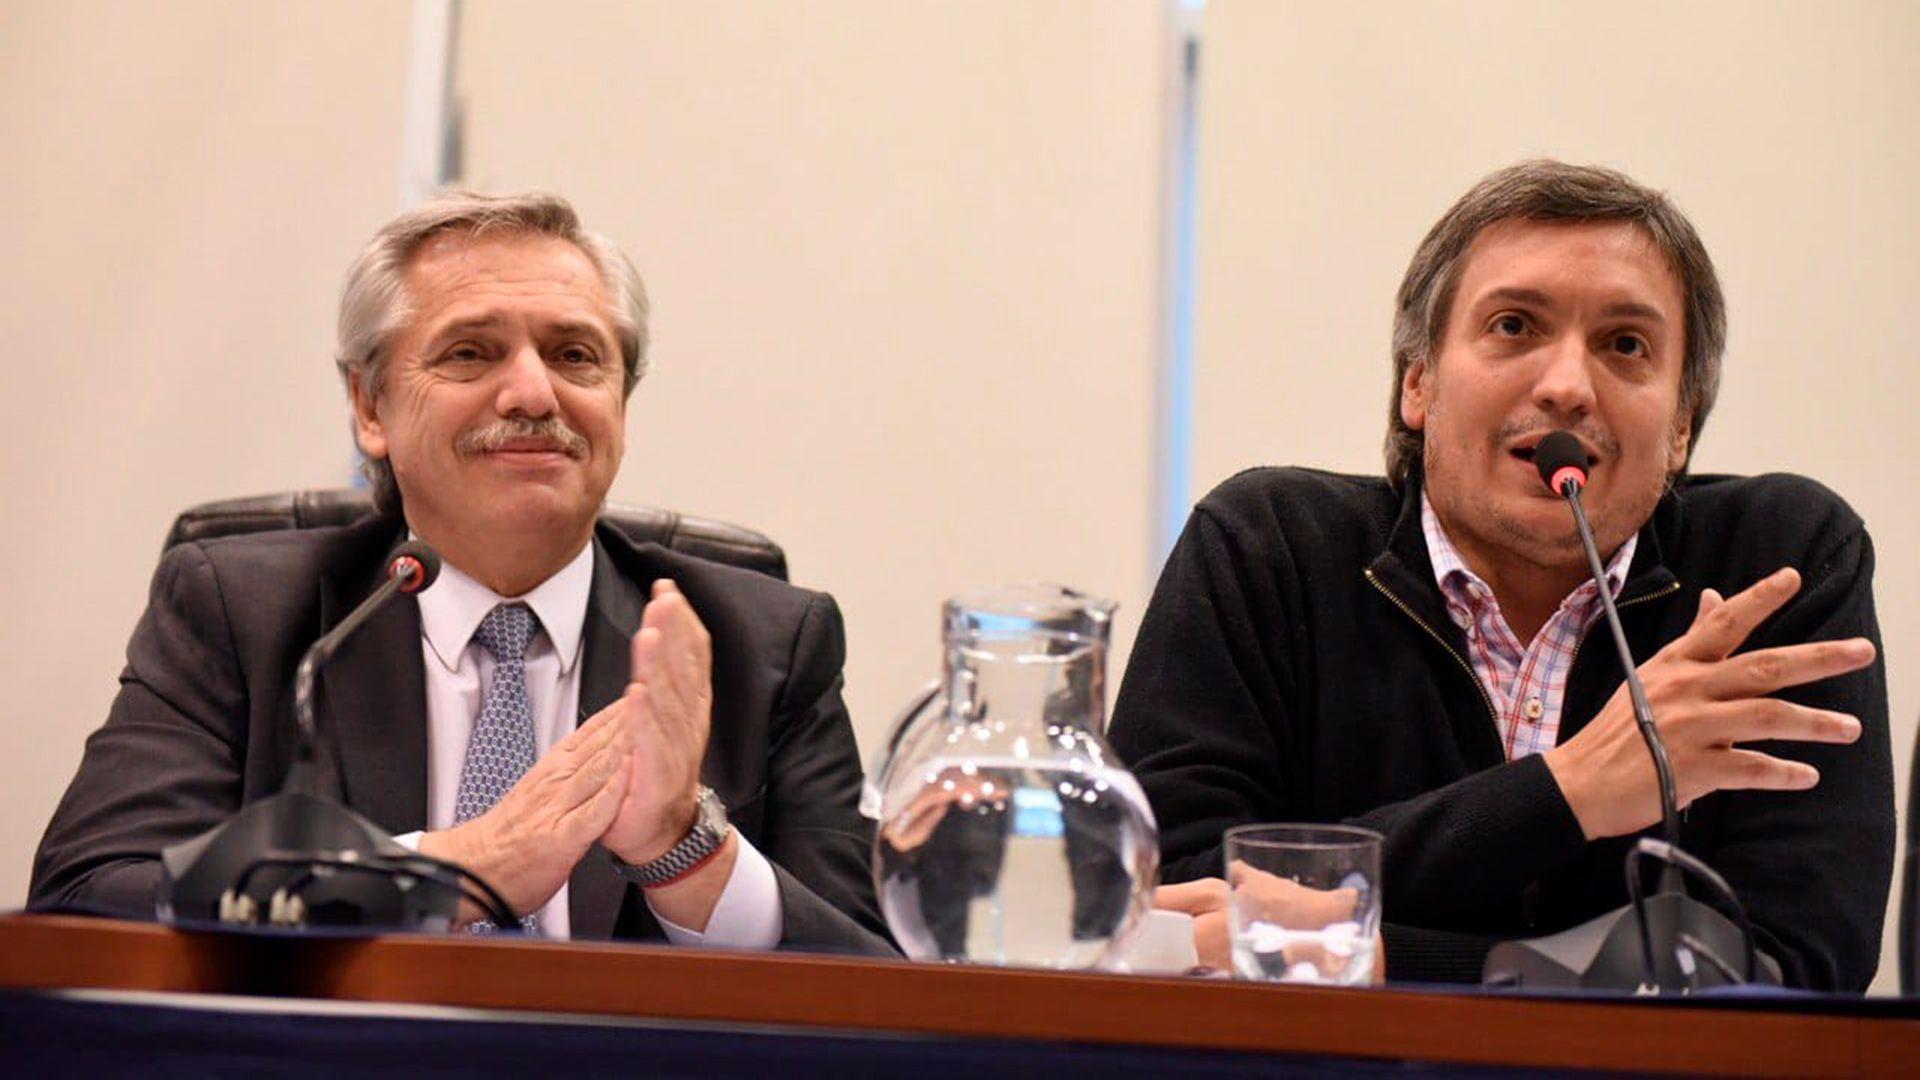 Alberto Fernández, Presidente de la Nación, Máximo Kirchner, diputado nacional